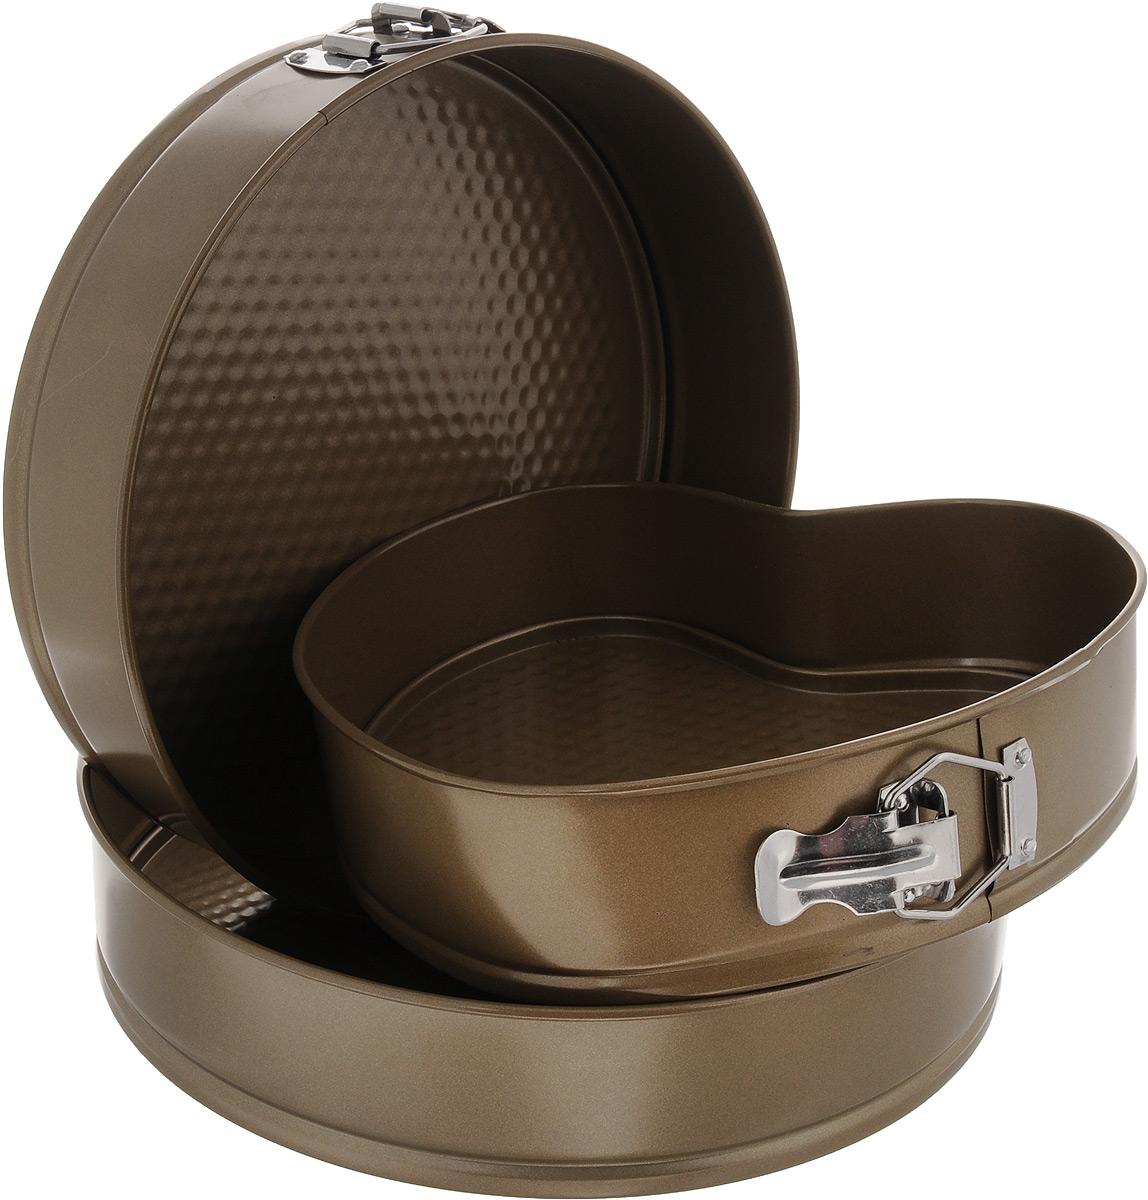 Набор форм для выпечки Mayer & Boch, с антипригарным покрытием, 3 предмета. 2427724277Набор Mayer & Boch состоит из двух круглых форм для выпечки и одной формы в виде сердца, выполненных из высококачественной углеродистой стали. Современное высокотехнологичное антипригарное покрытие предотвращает пригорание выпечки и обеспечивает легкую очистку после использования. Кроме того, формы имеют разъемный механизм и съемное дно, благодаря чему готовое блюдо очень легко вынимать. Изделия складываются друг в друга по принципу матрешки, поэтому они не займут много места на кухне при хранении. Формы легкие и удобные в использовании, легко моются. С ними готовить любимые блюда станет еще проще. Подходят для использования в духовом шкафу и хранения пищи в холодильнике. Не предназначены для СВЧ-печей. Диаметр круглых форм: 26 см, 28 см. Высота стенок: 6,7 см. Размер формы в виде сердца: 23,4 х 23,5 х 6,7 см.